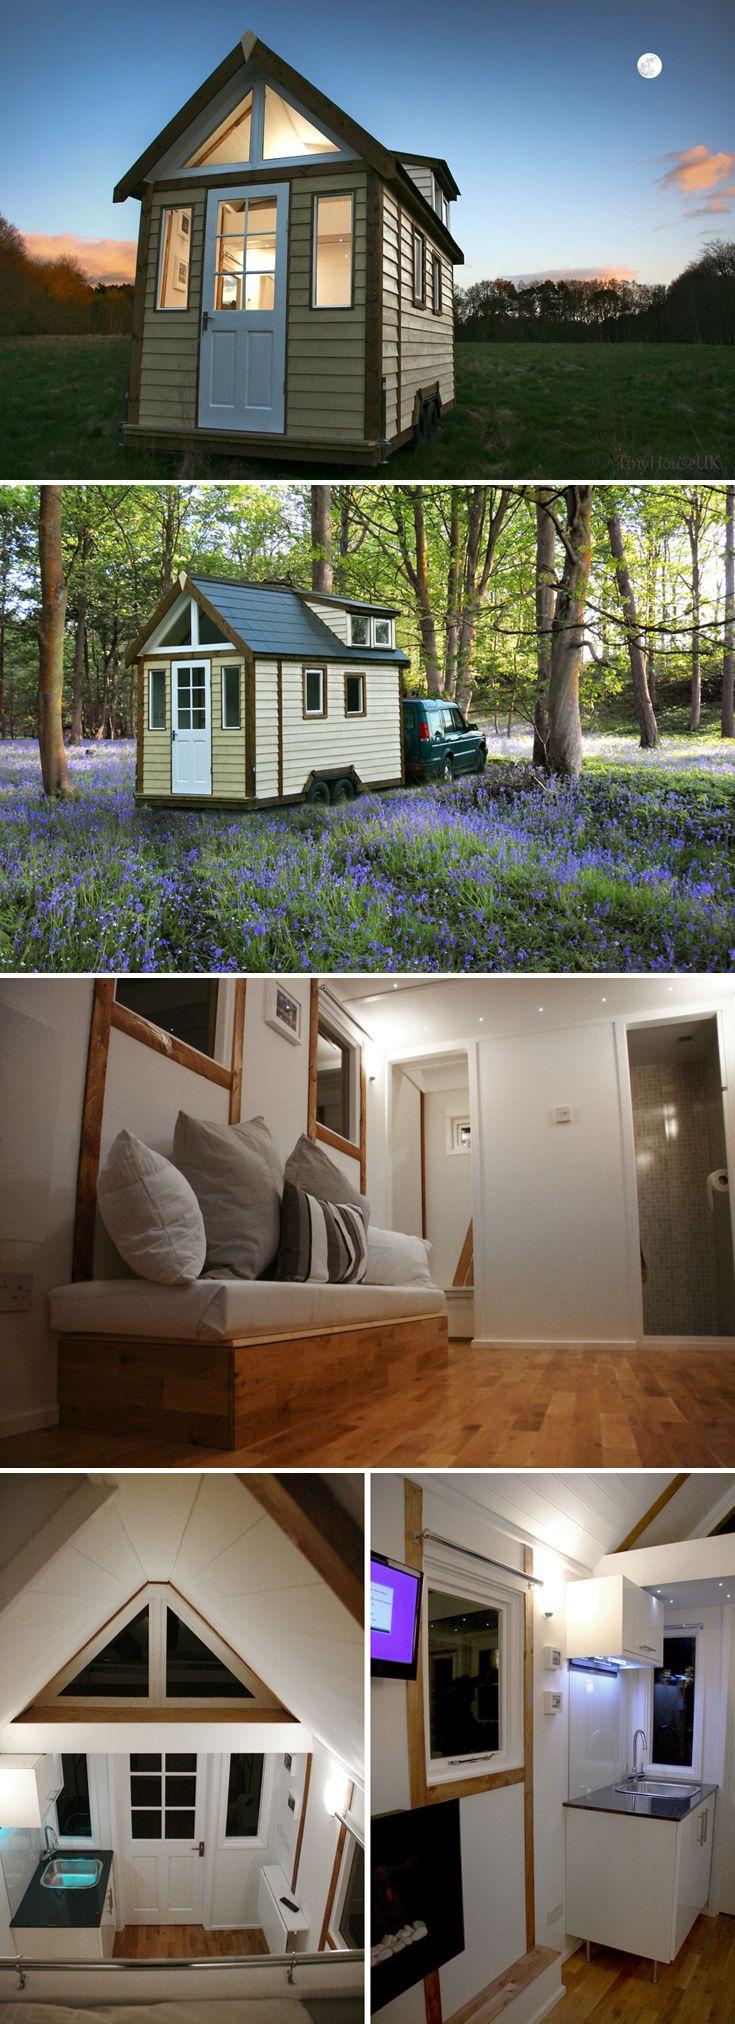 Tiny House UK by Mark Burton Small tiny house, Tiny